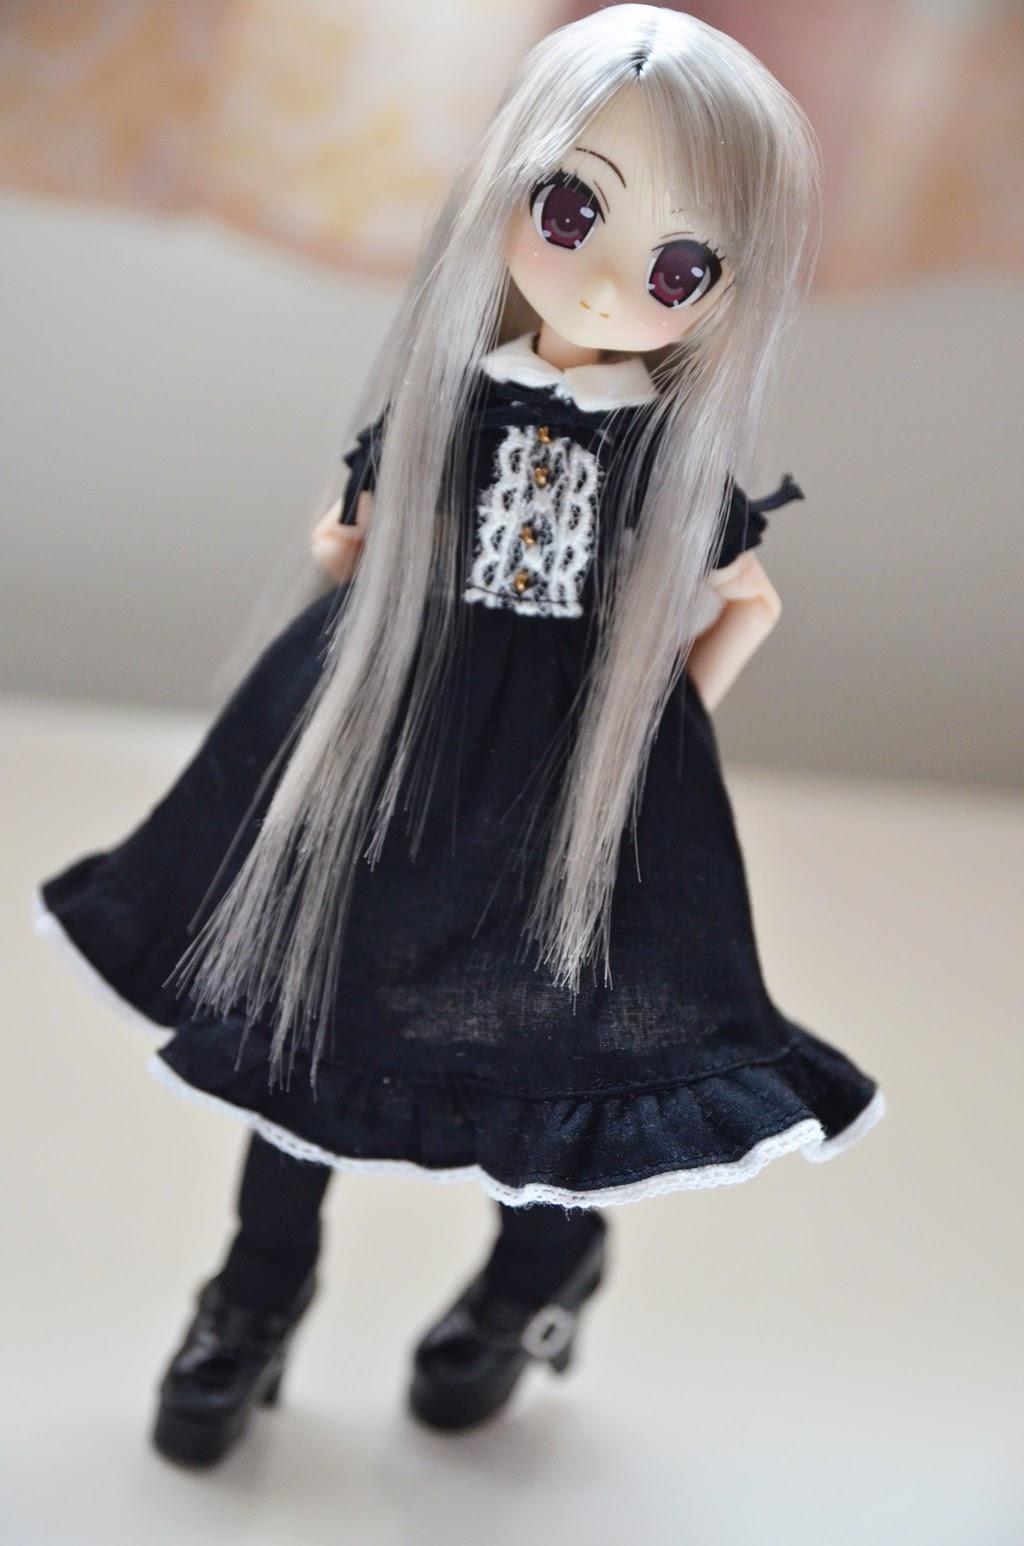 lil' fairy vel doll